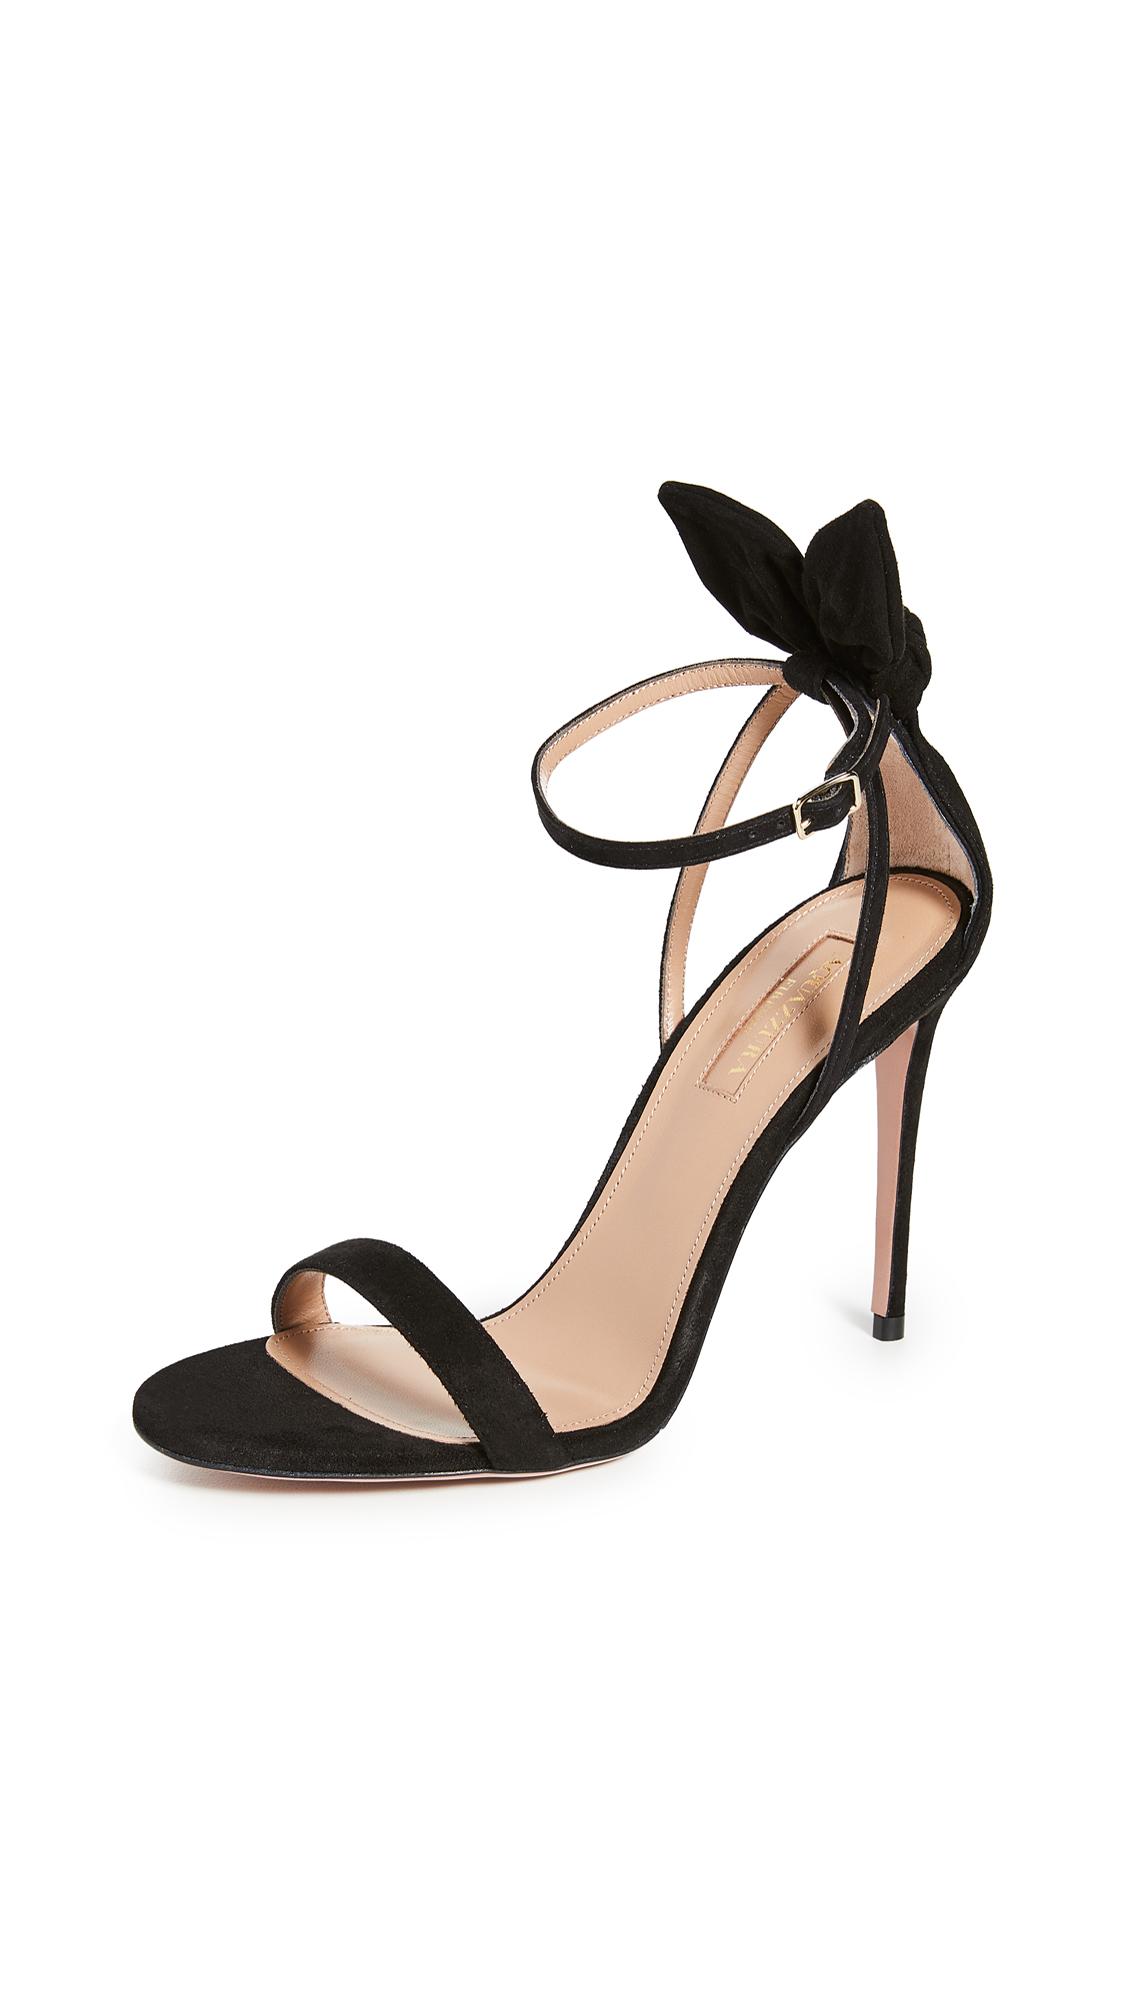 Aquazzura Bow Tie Sandals 105mm